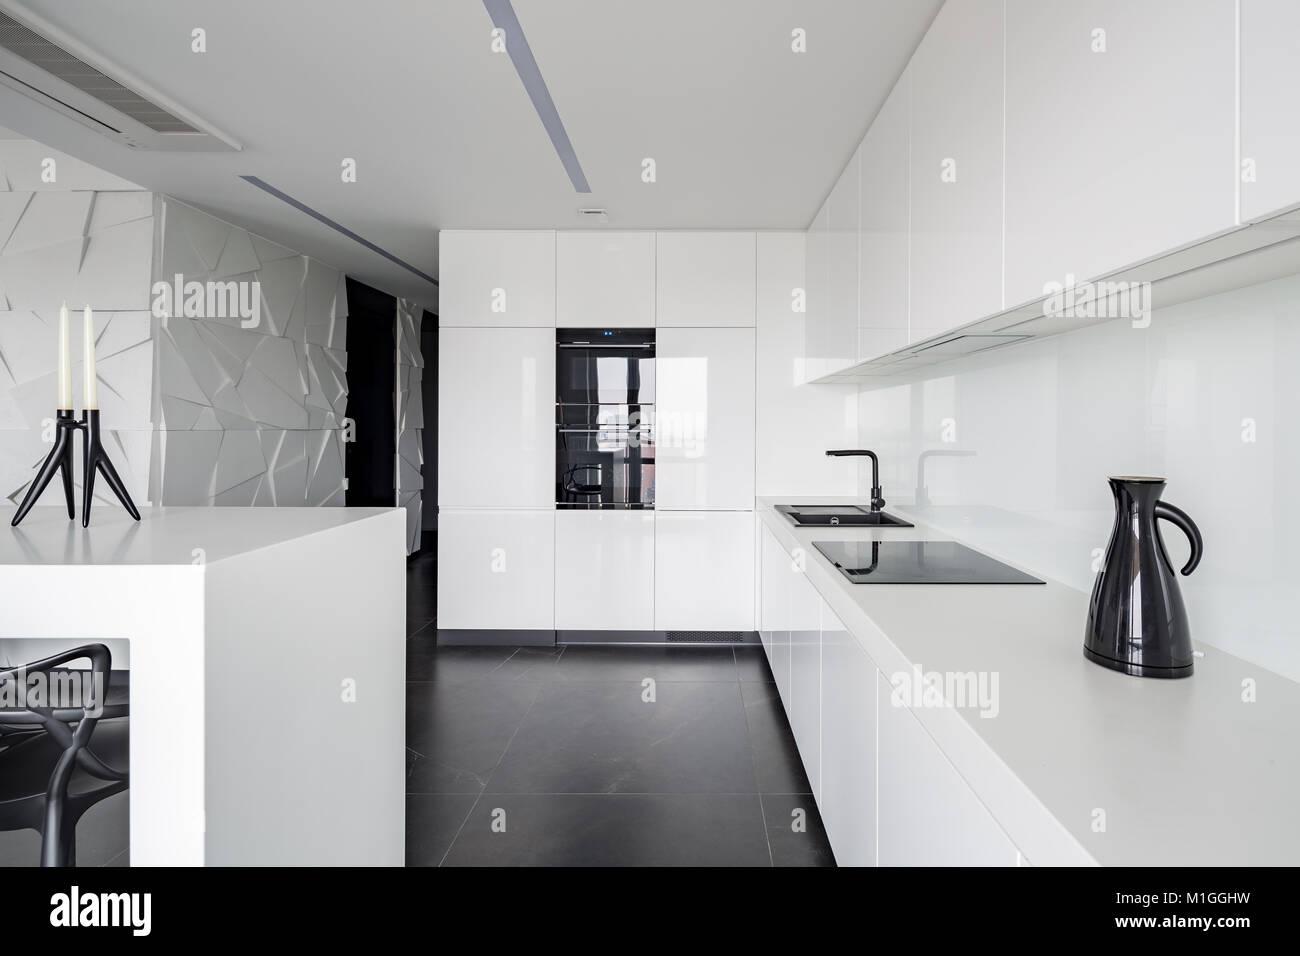 Fußboden Für Weiße Küche ~ Hochglänzende weiße küche mit modernen geräten und schwarz